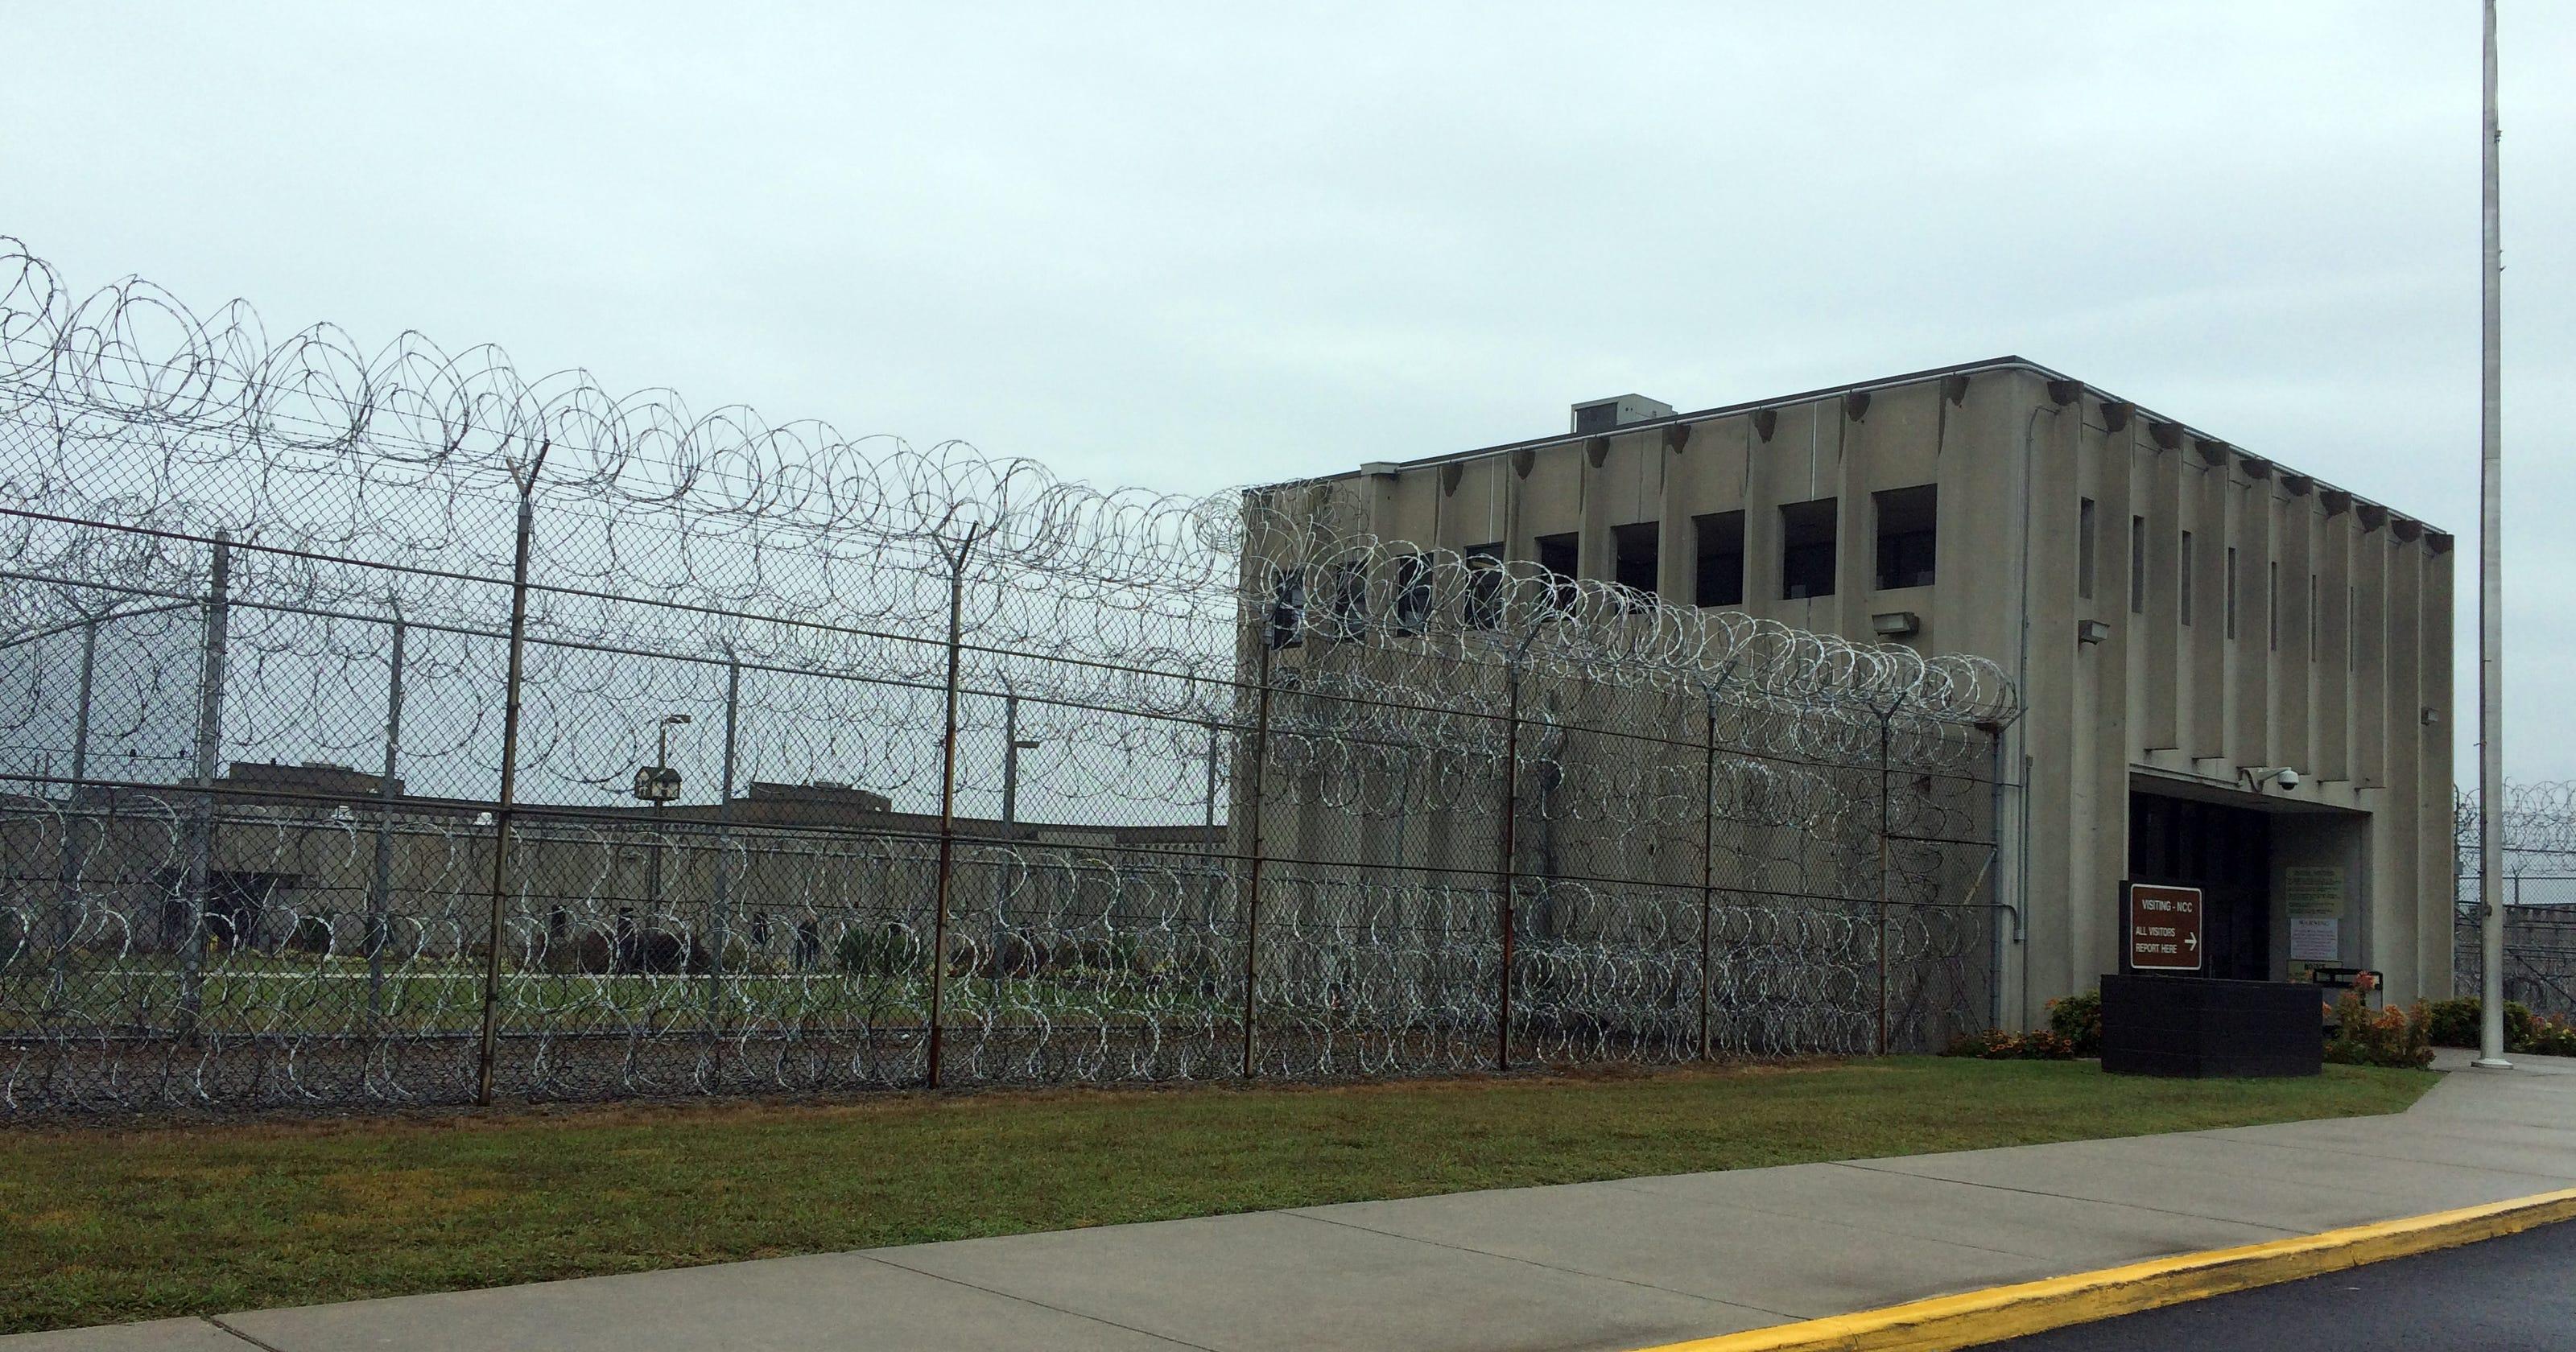 Locked up: criminal justice